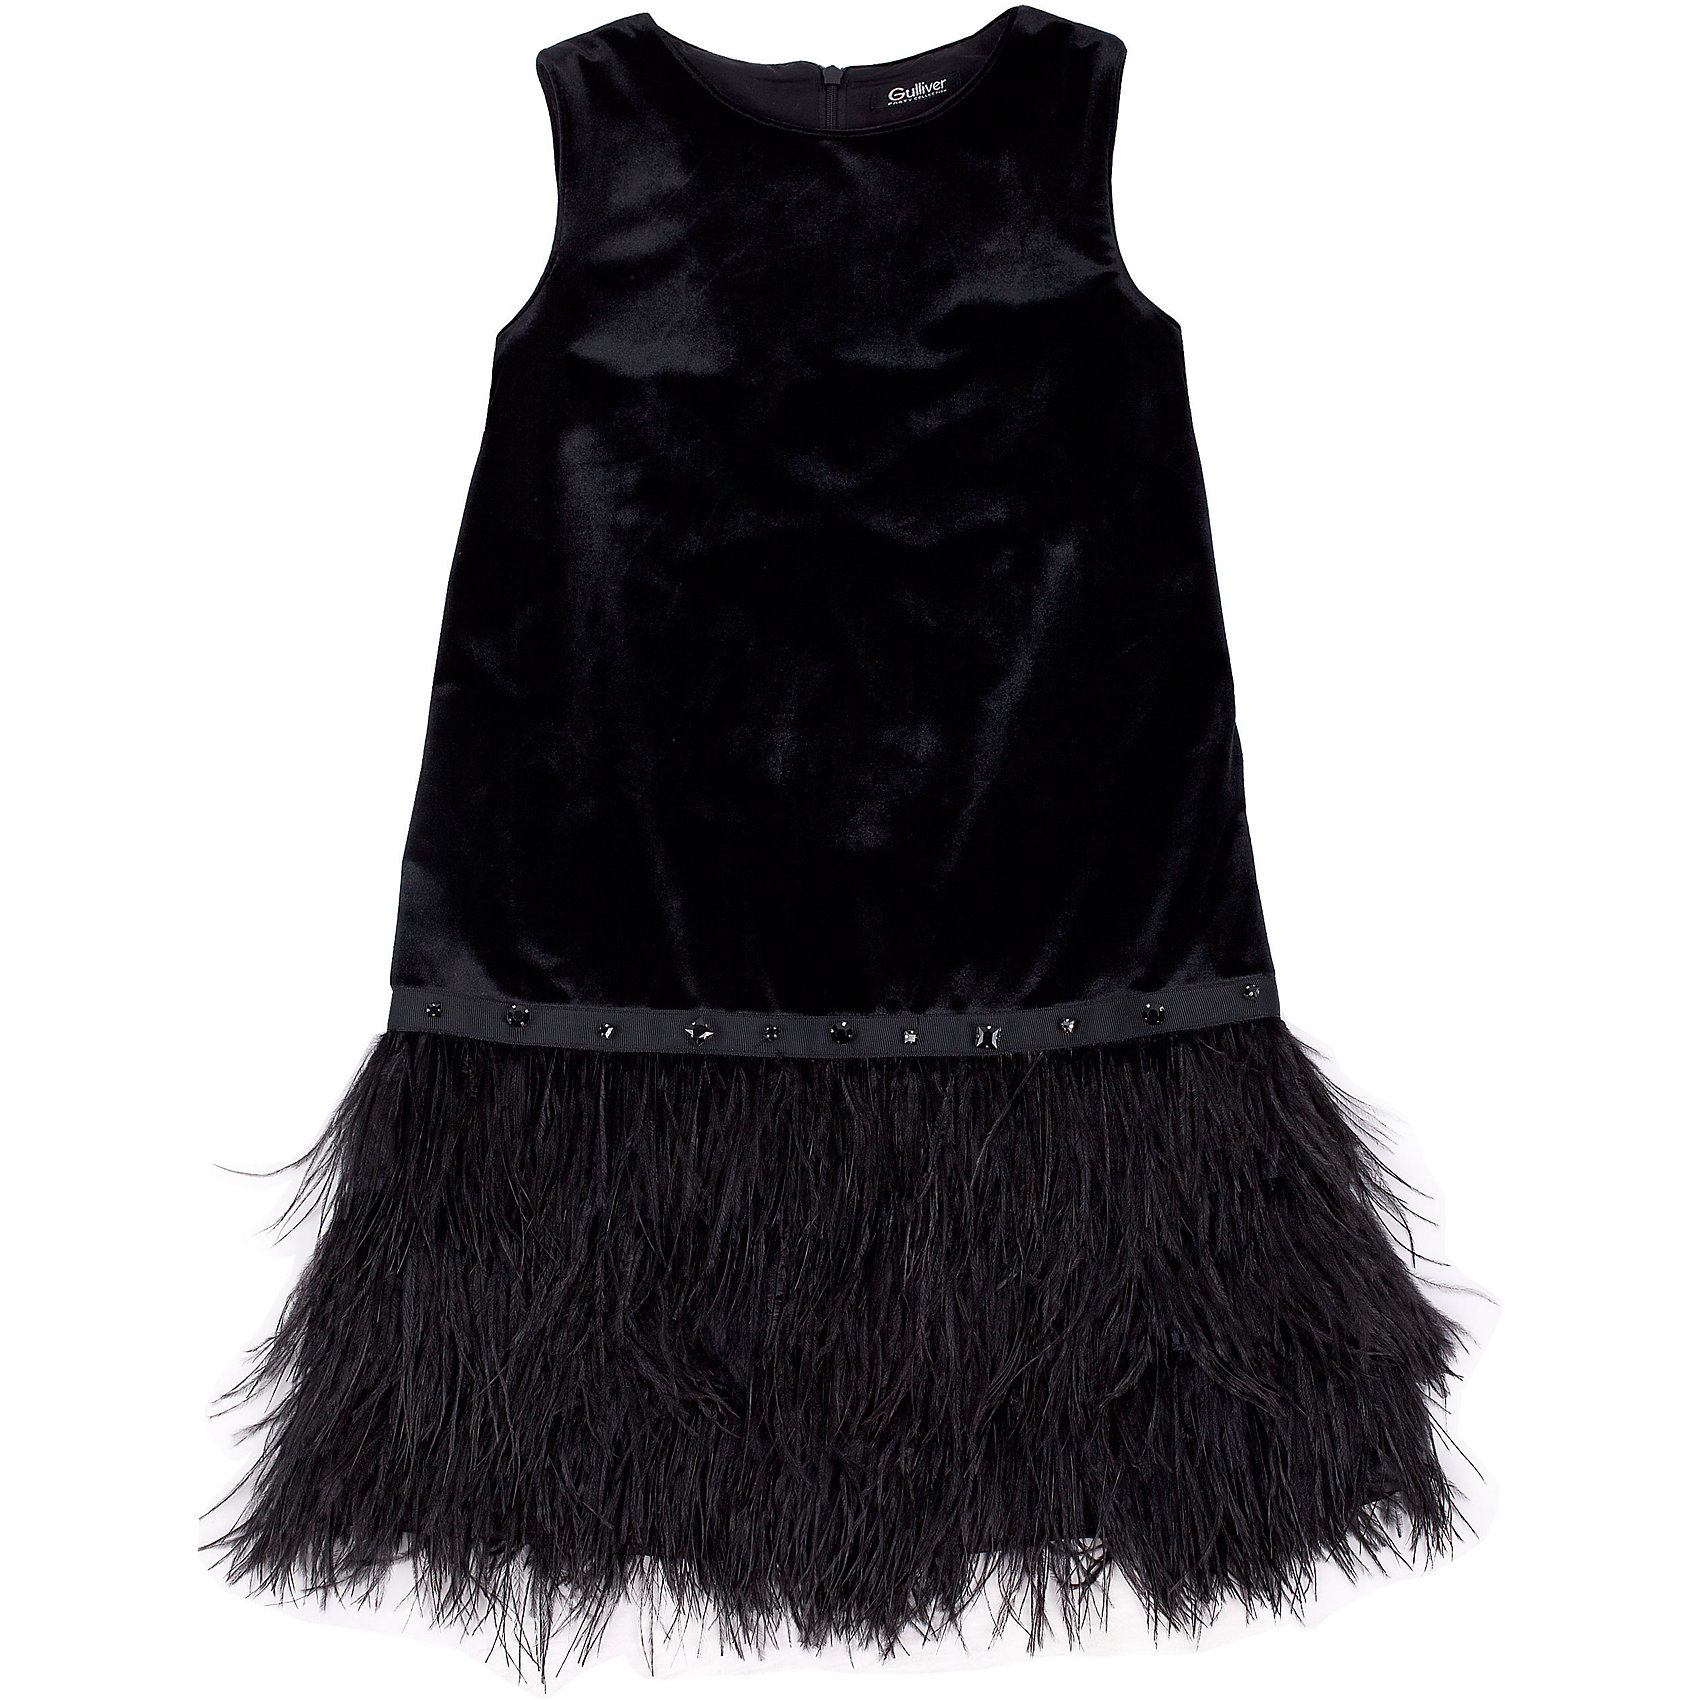 Нарядное платье для девочки GulliverОдежда<br>Платье для девочки от известного бренда Gulliver.<br>Ох уж, эти модницы… Их гардероб пестрит нарядами, но разве можно пройти мимо нового платья? Нарядные платья для девочек - предмет их особой гордости! Они - символ женственности и кокетства! Если вы хотите сделать праздник своего ребенка ярким и запоминающимся, вам нужно купить модное новогоднее платье! Шикарное платье из бархата и перьев сделает образ девочки по-настоящему нарядным. Это платье туникообразной формы - идеальный  вариант для камерного домашнего вечера, похода в театр или на концерт. В отделке платья пояс, расшитый стразами и стеклярусом.<br>Состав:<br>верх: 95% полиэстер 5% эластан; подкладка: 100% хлопок<br><br>Ширина мм: 236<br>Глубина мм: 16<br>Высота мм: 184<br>Вес г: 177<br>Цвет: черный<br>Возраст от месяцев: 72<br>Возраст до месяцев: 84<br>Пол: Женский<br>Возраст: Детский<br>Размер: 122,140,128,134<br>SKU: 5103484